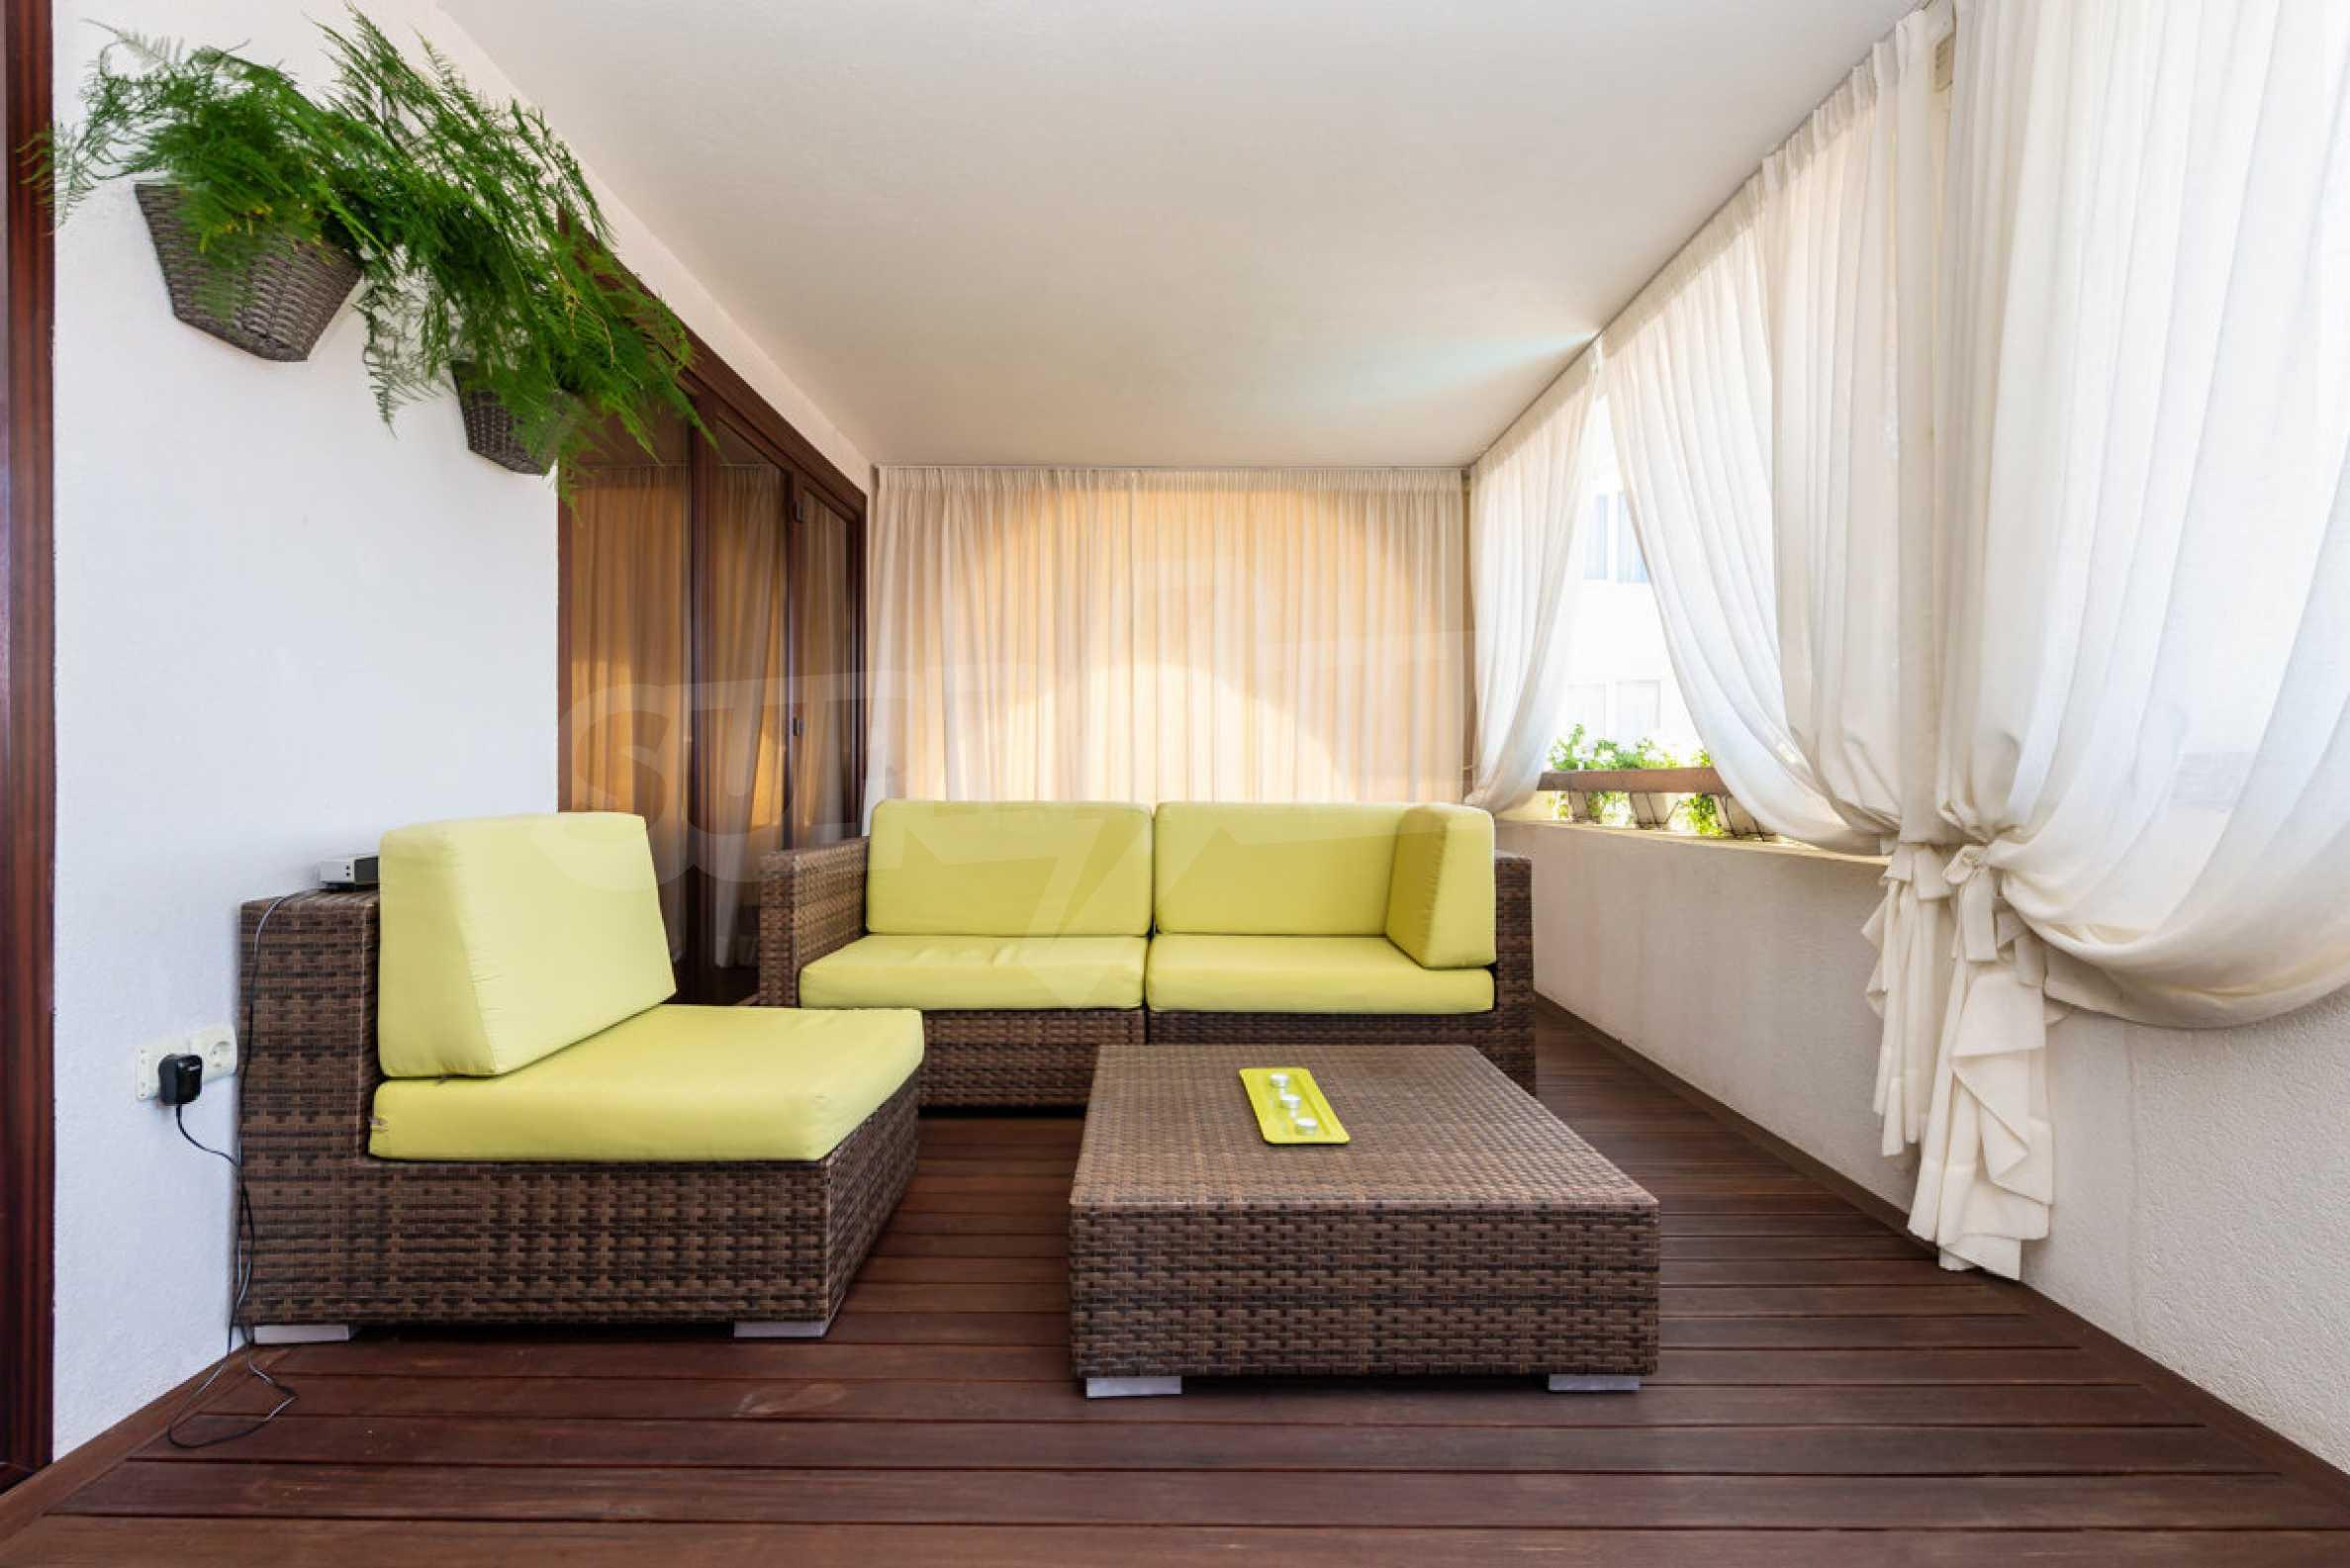 Luxus-Apartment mit einem Schlafzimmer mit spektakulärem Meerblick 15